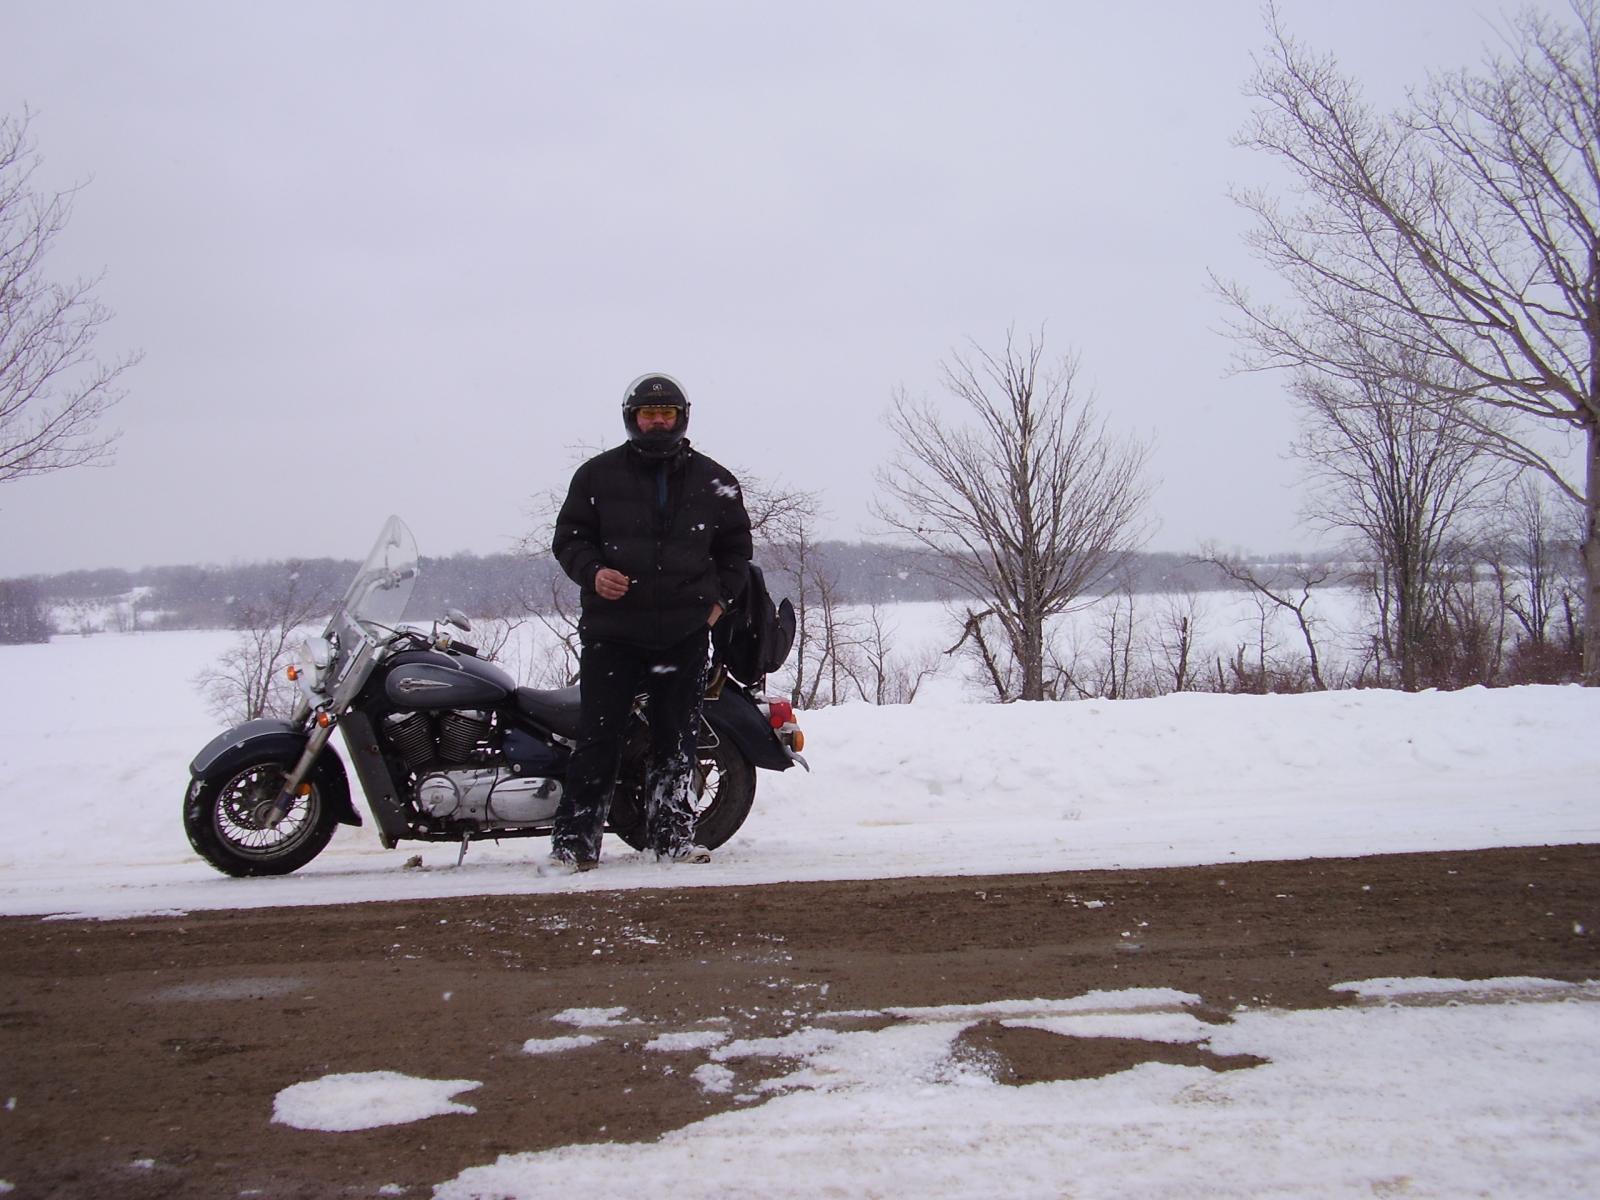 Still ridin.  Winter be damned!